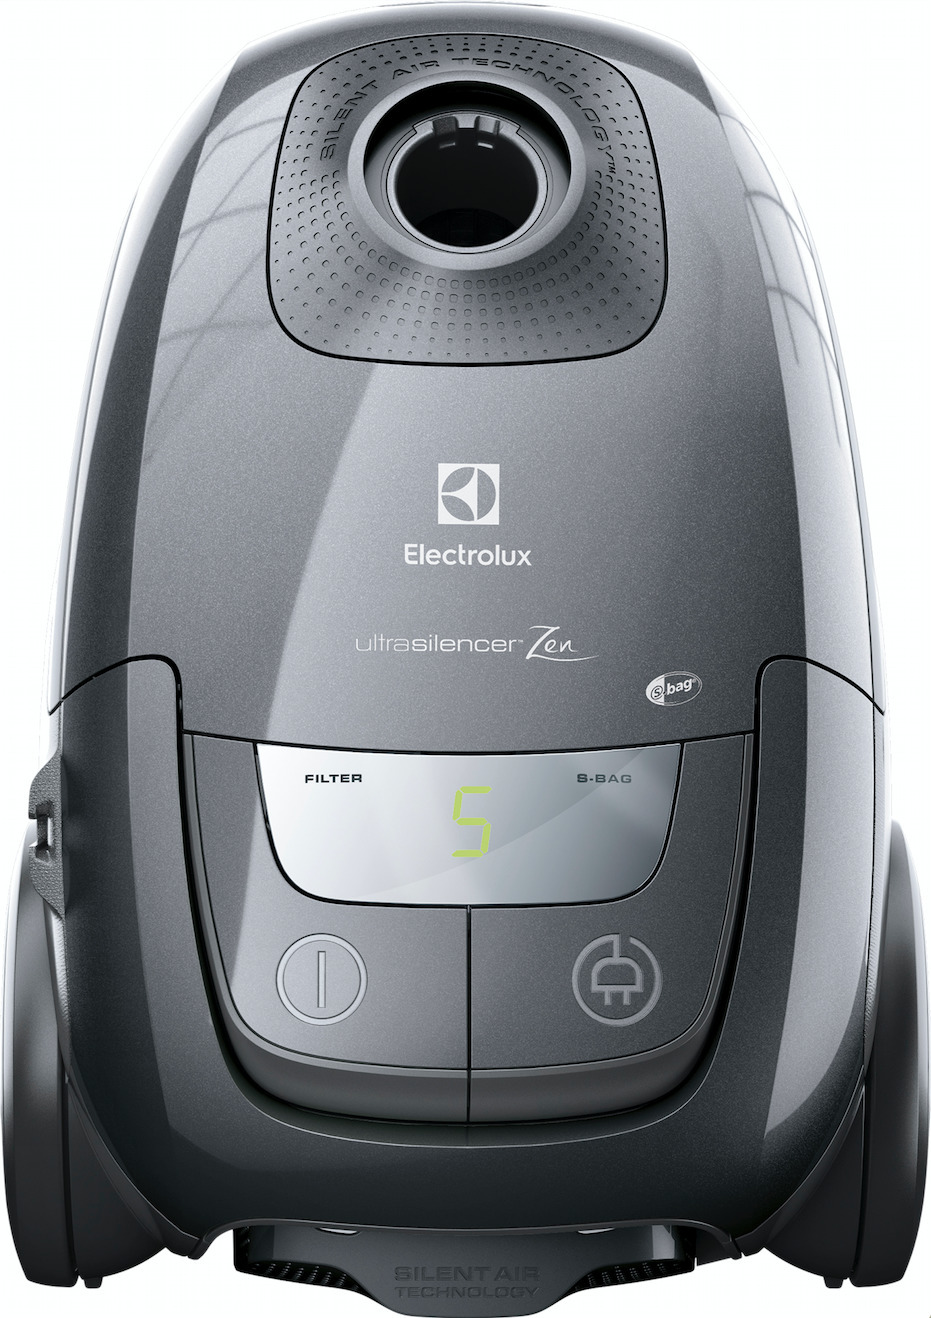 Electrolux dammsugare EUS89TM UltraSilencer Zen Noga